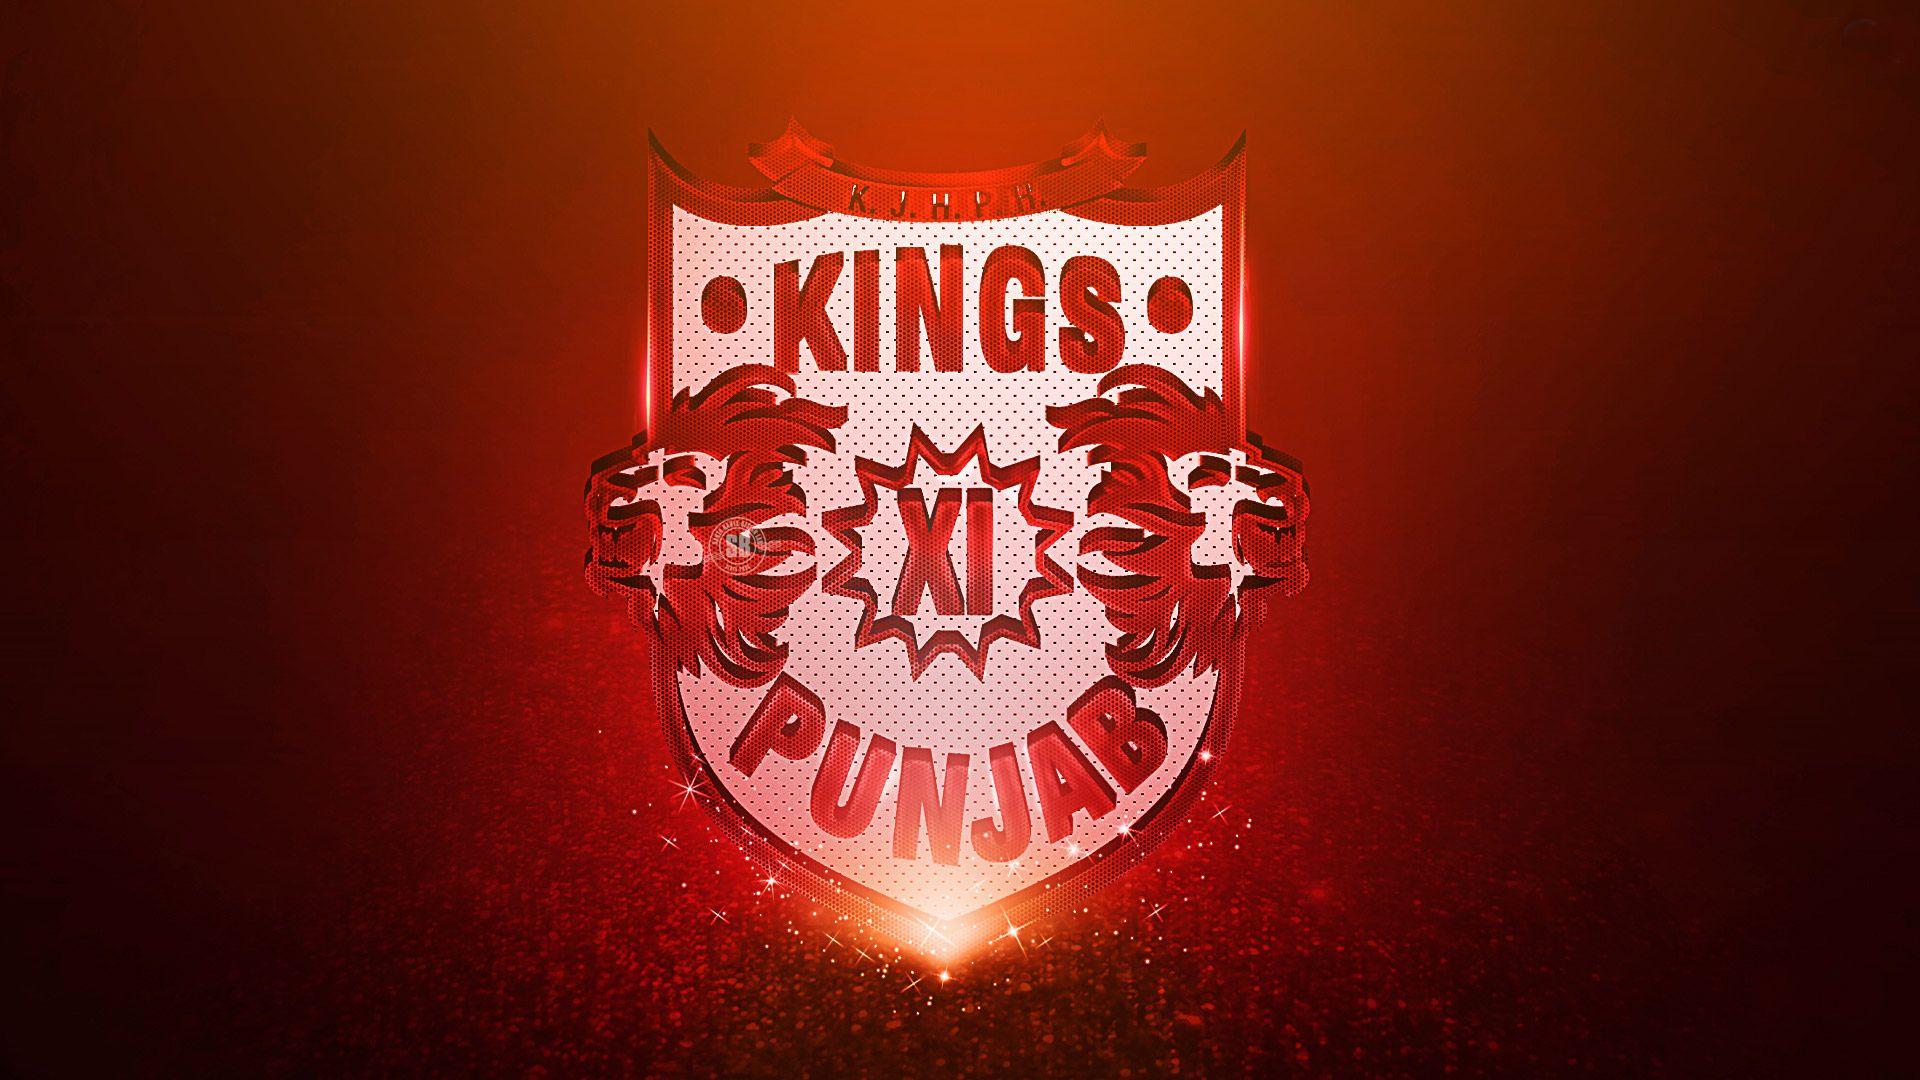 IPL 2019 Team Kings XI Punjab 2019 Players List, IPL